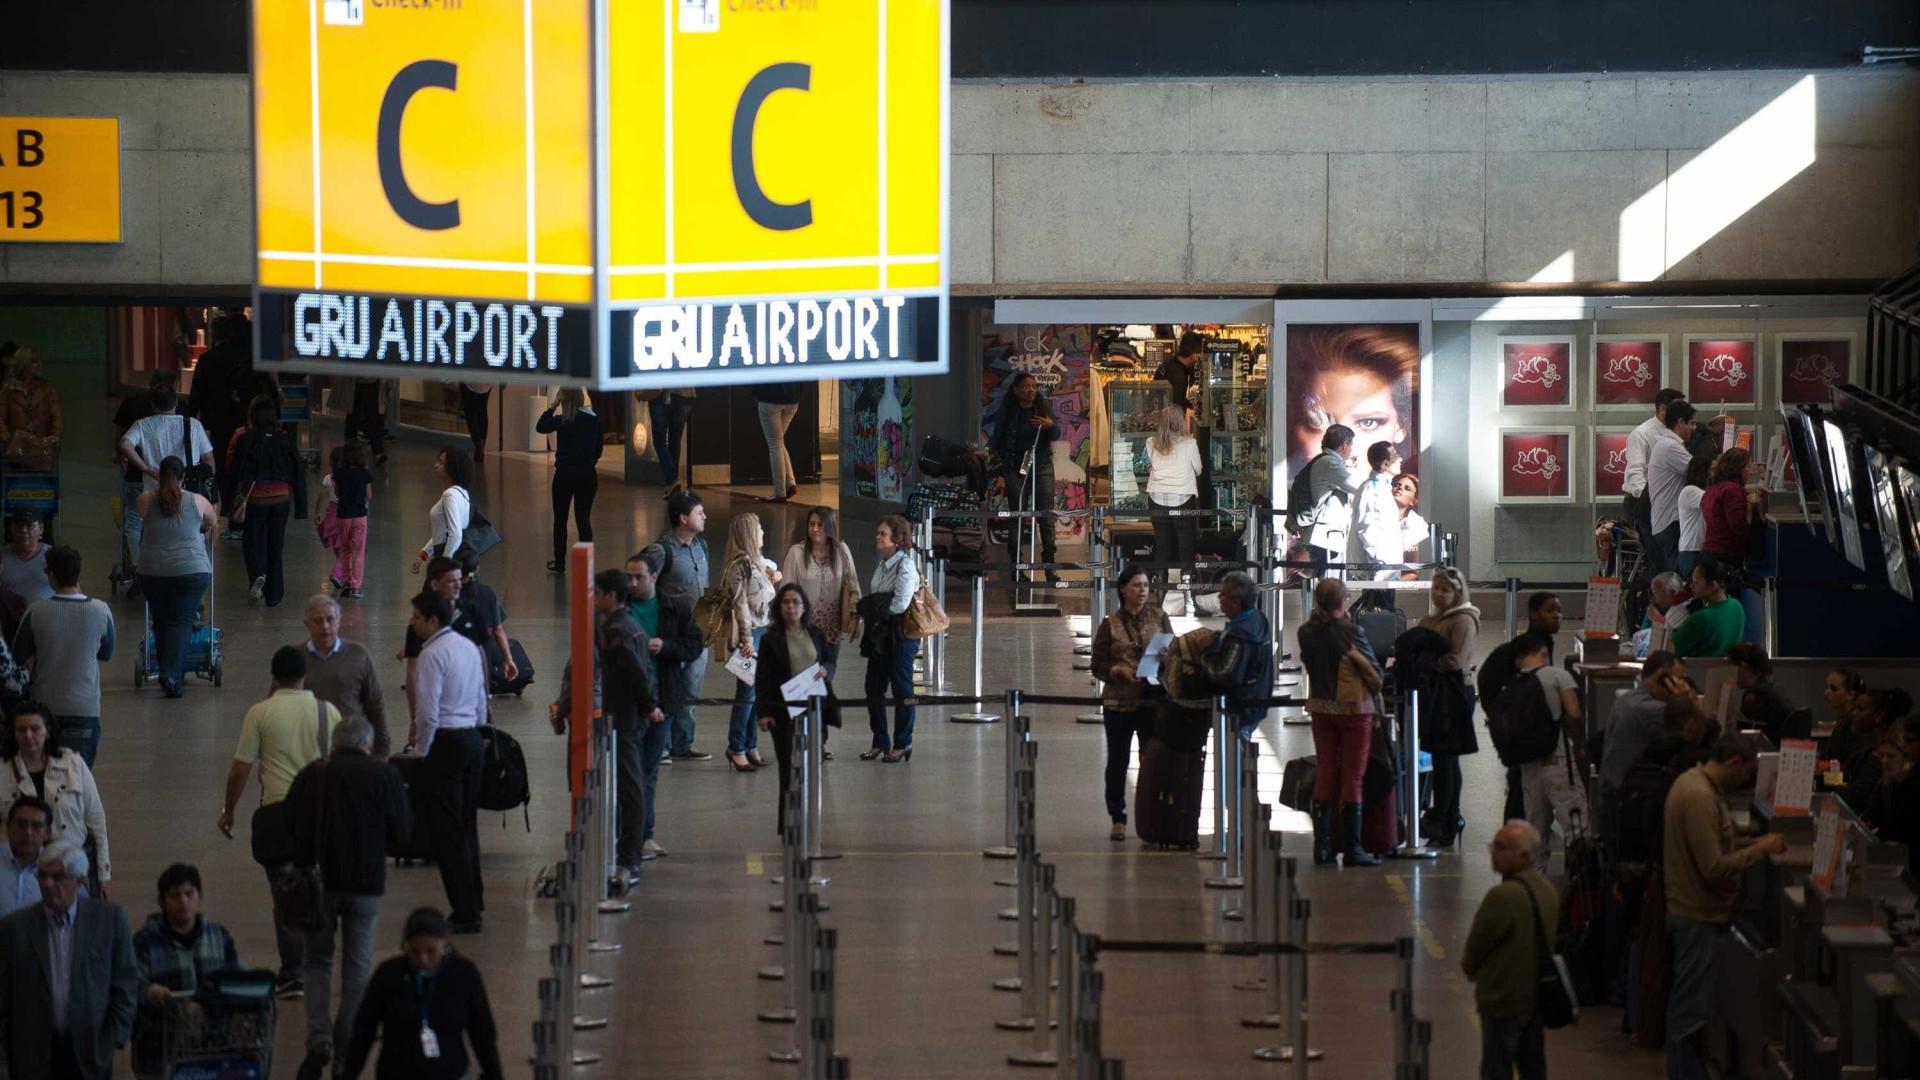 Aeroportos do interior de SP voltarão a ter voos após mais de 10 anos